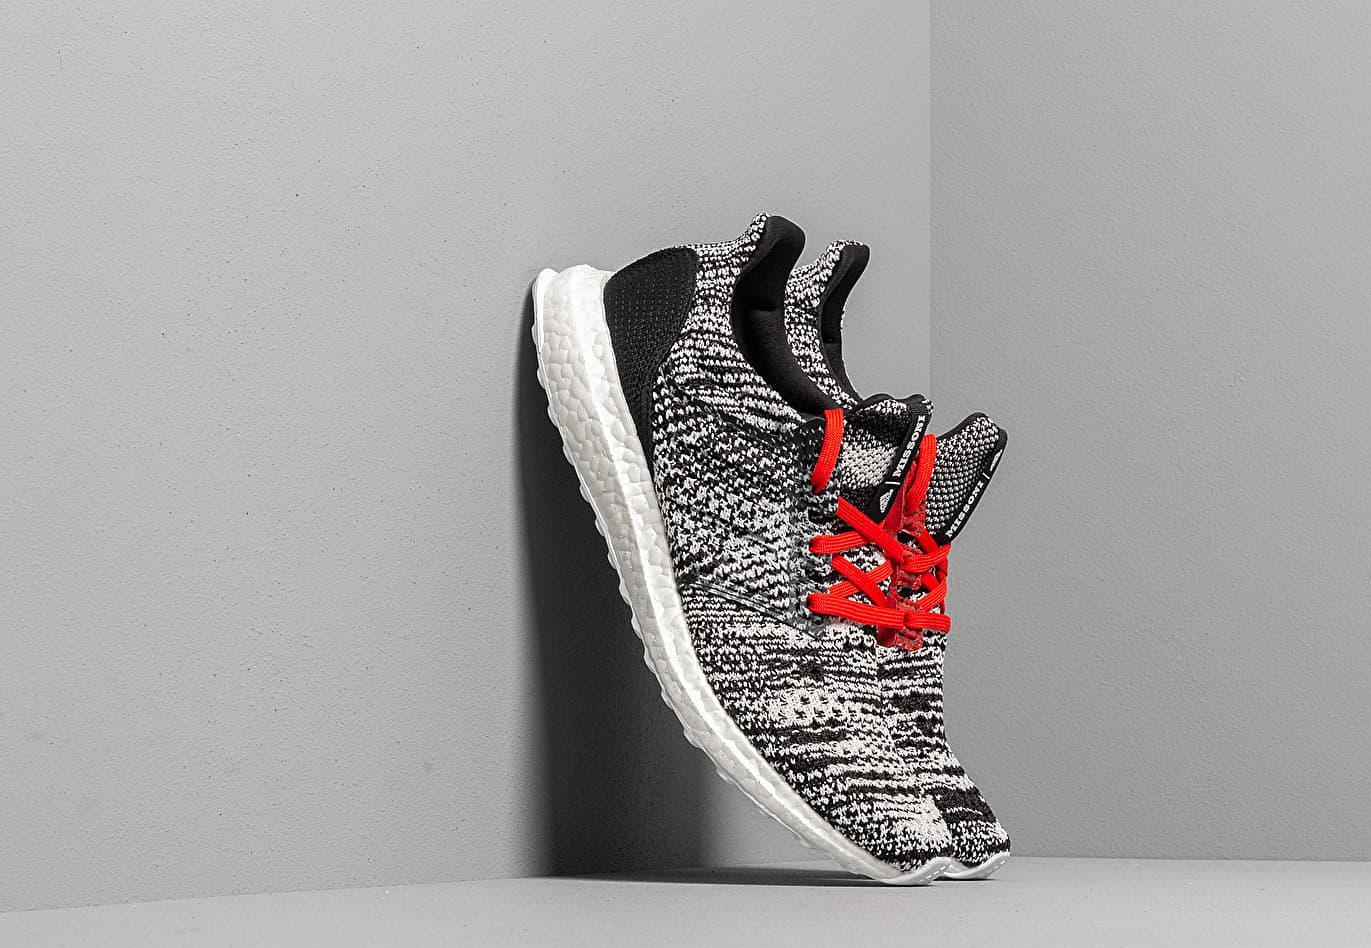 648a6cf4a adidas Originals. Men s Adidas X Missoni Ultraboost Clima Core Black  ...